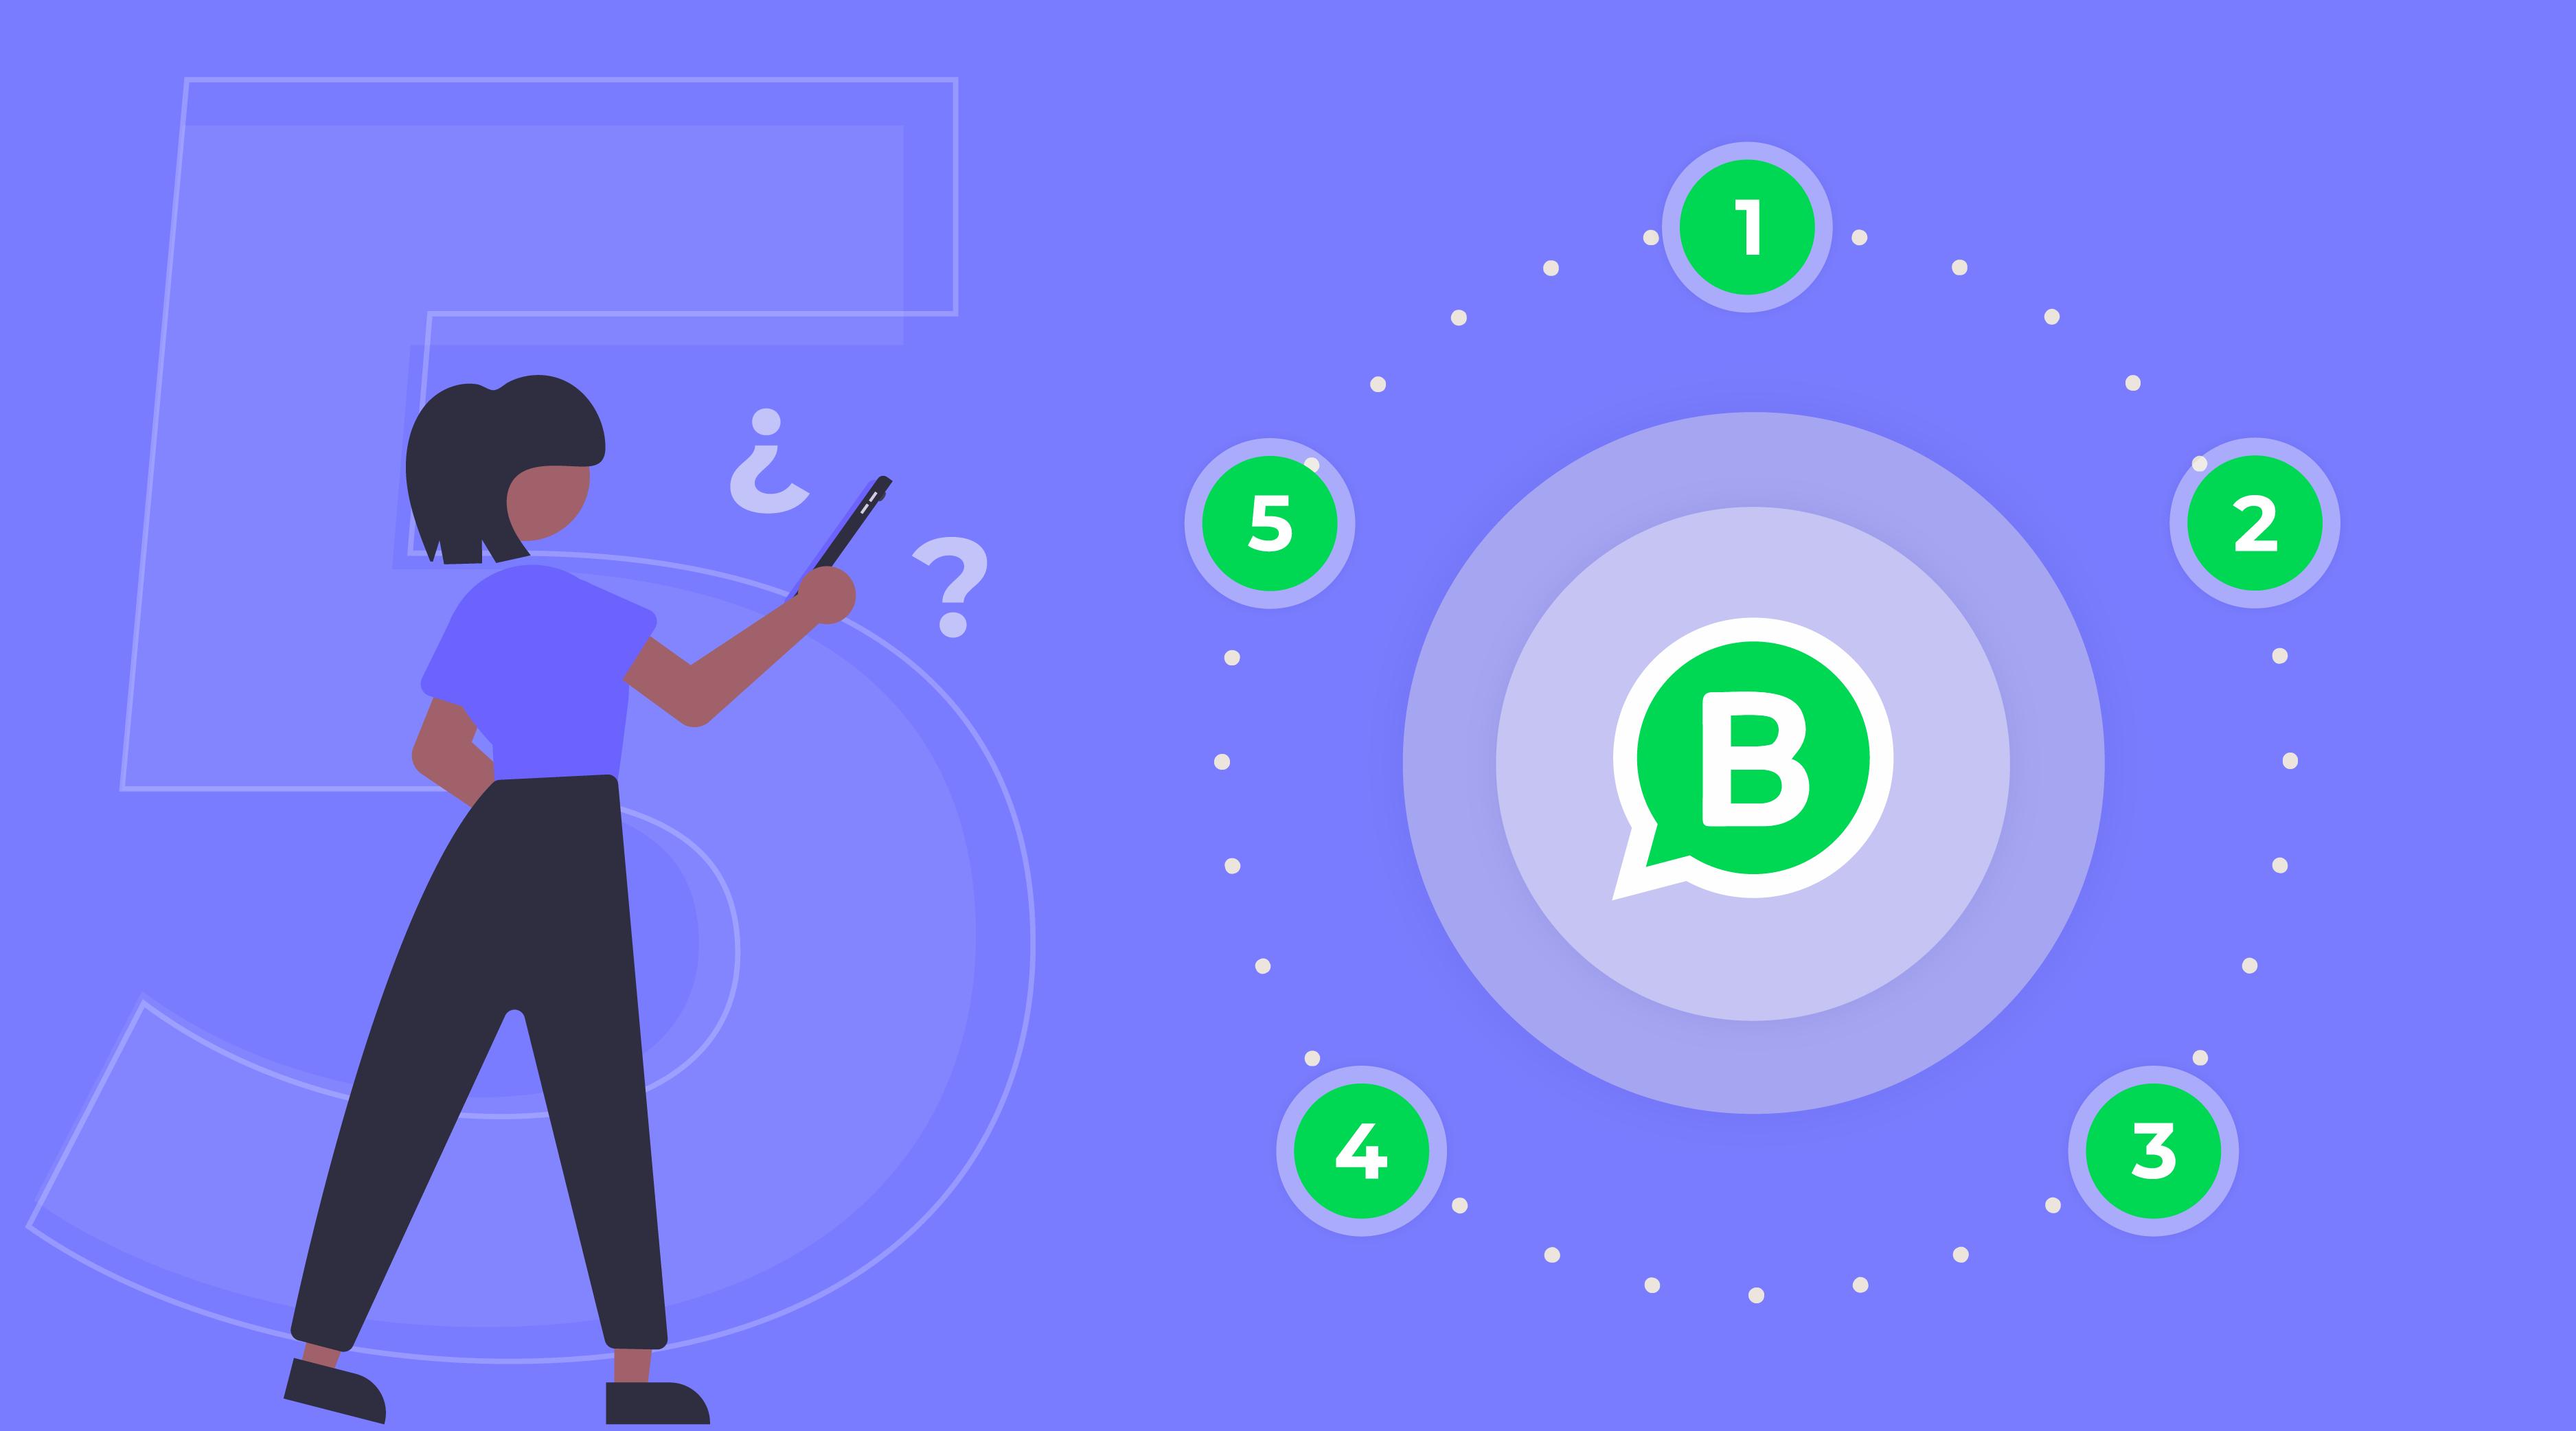 Cinco claves para vender más con WhatsApp Business